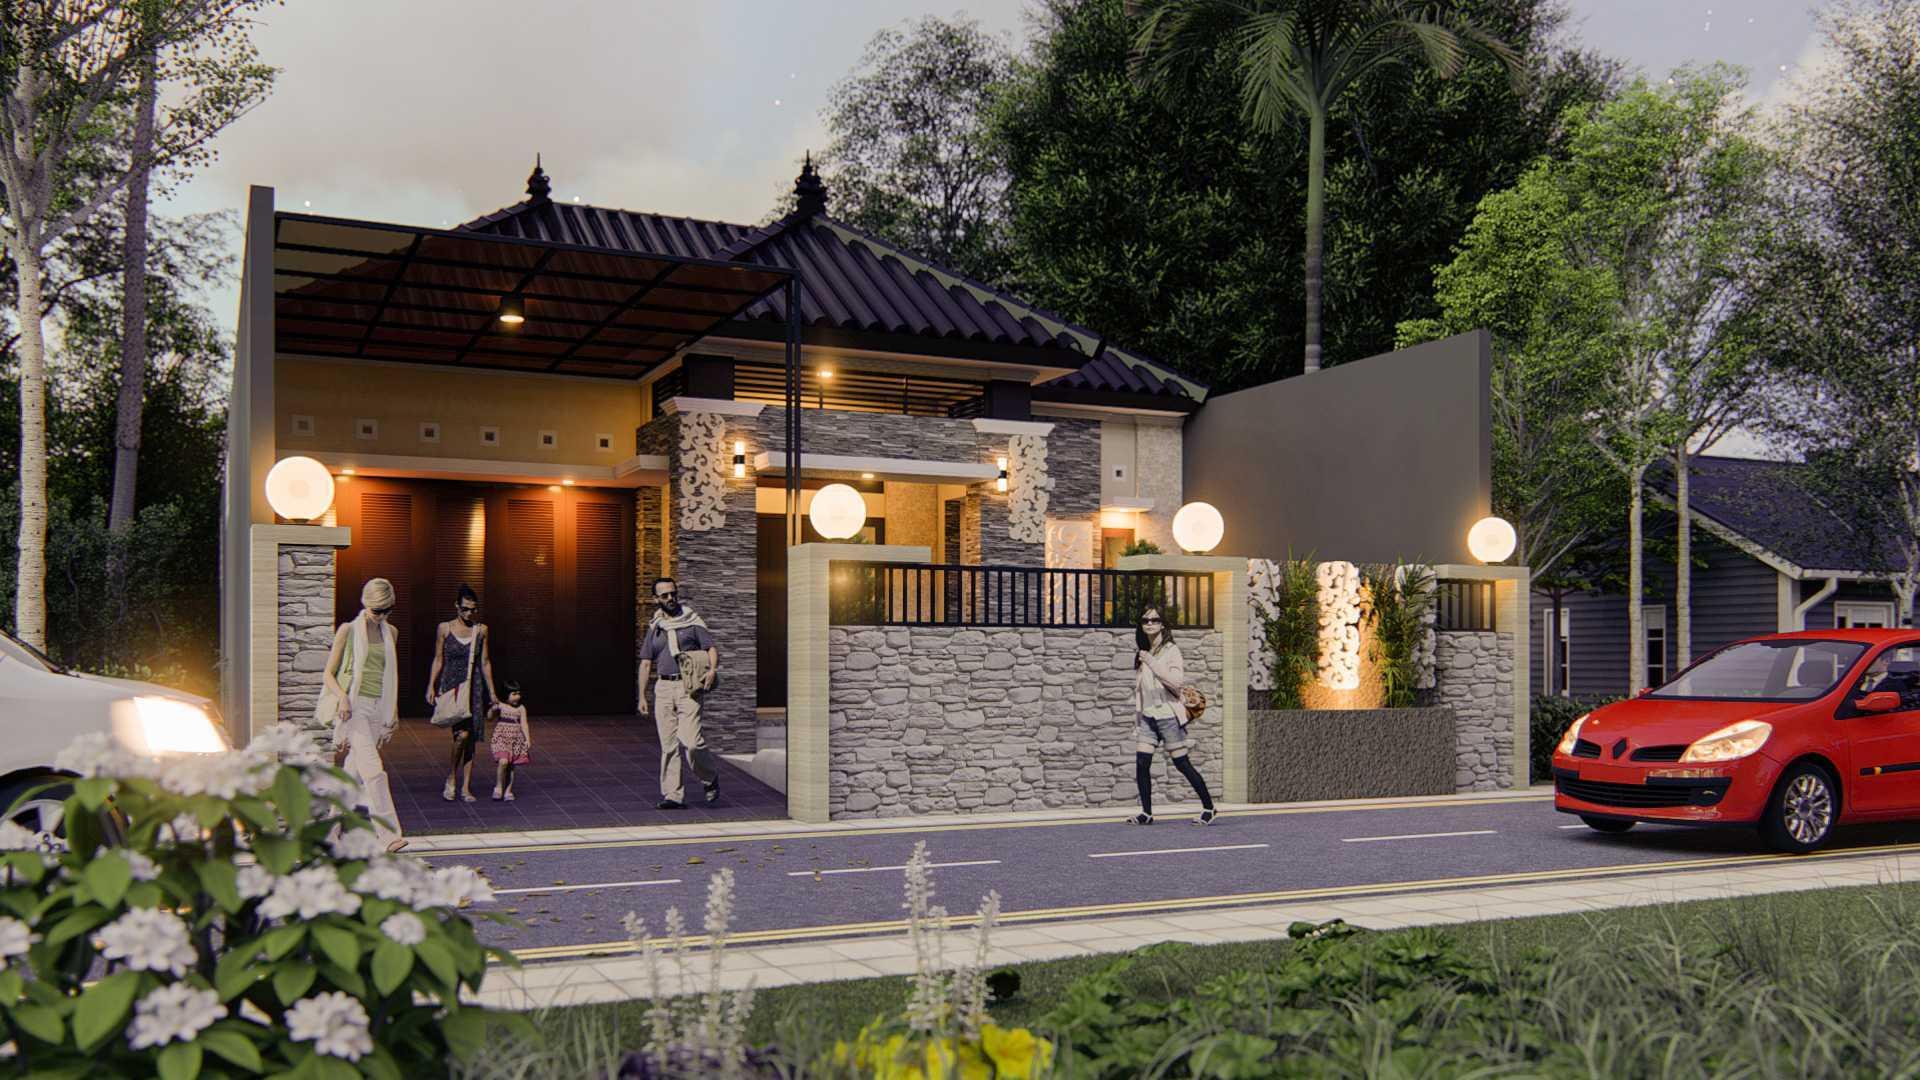 Nggambar Omah | Design And Build The Nusapenida House Blitar, Jawa Timur, Indonesia Blitar, Jawa Timur, Indonesia Tampak Depan Traditional <P>Fasad Ekterior Dipilih Semi Tradisional Memadukan Unsur Modern Dan Natural Sehingga Kesan Elegan Menjadi Kuat</p> 75658